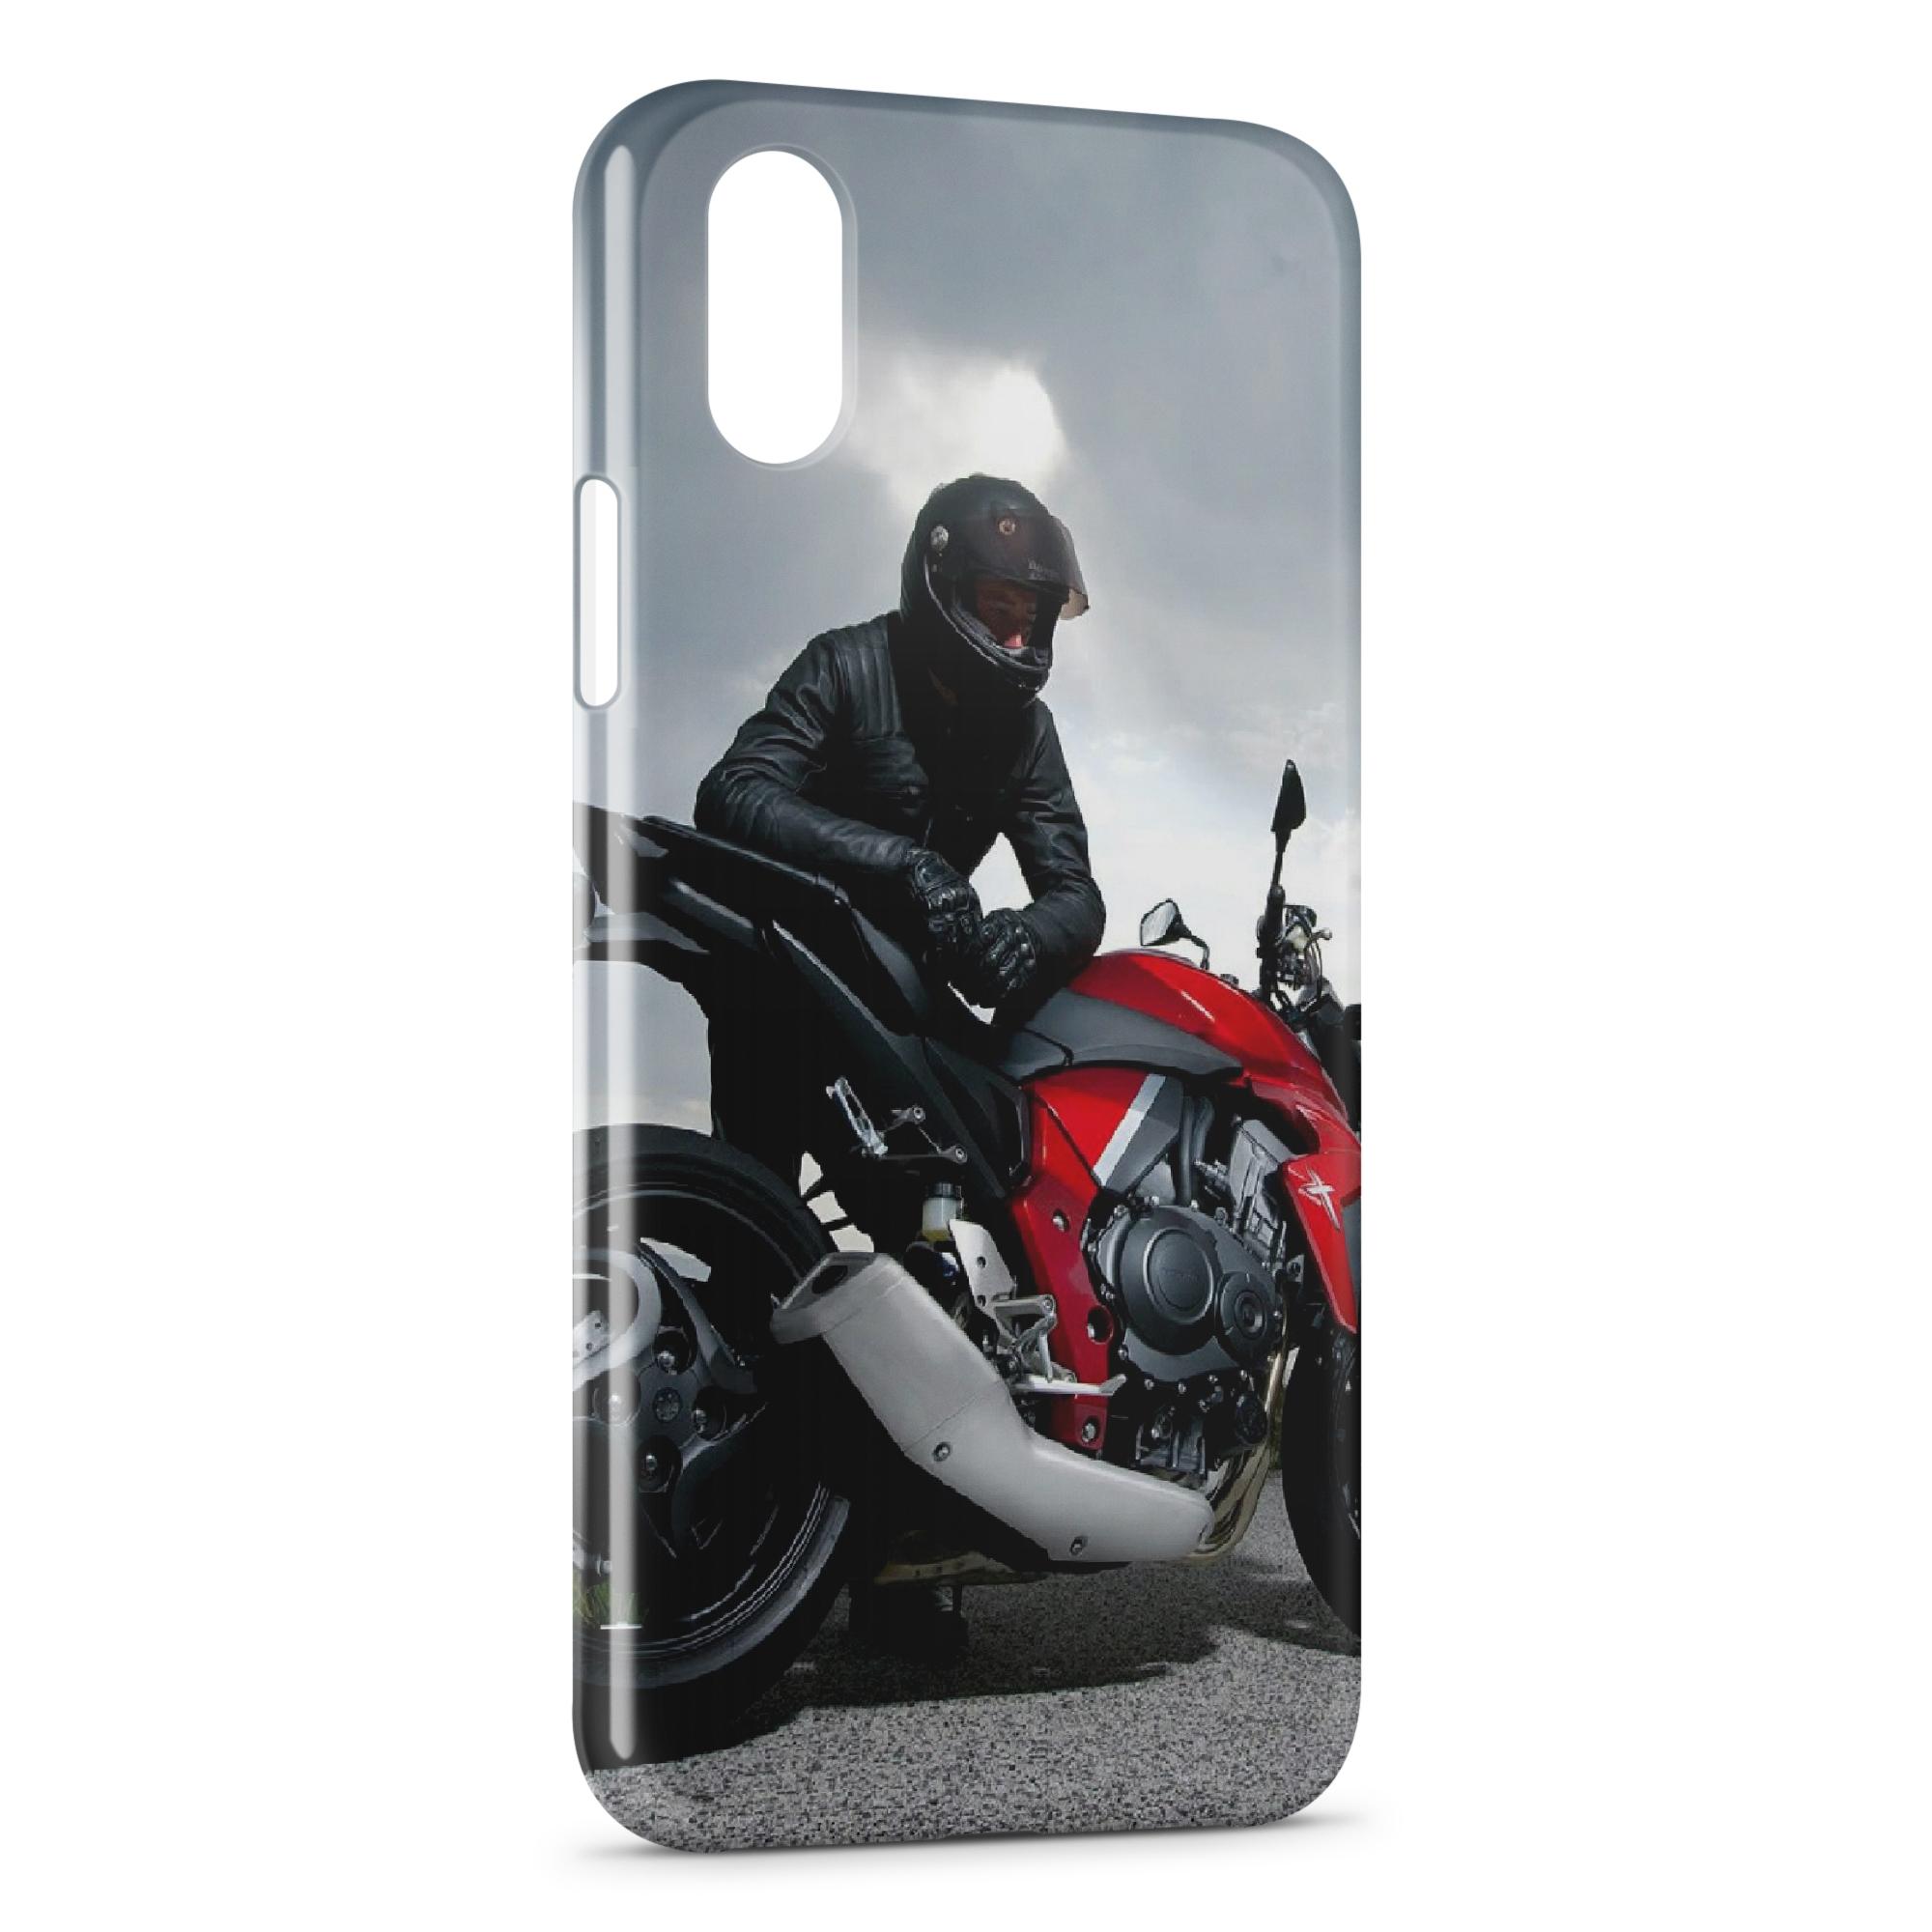 coque iphone xs racing